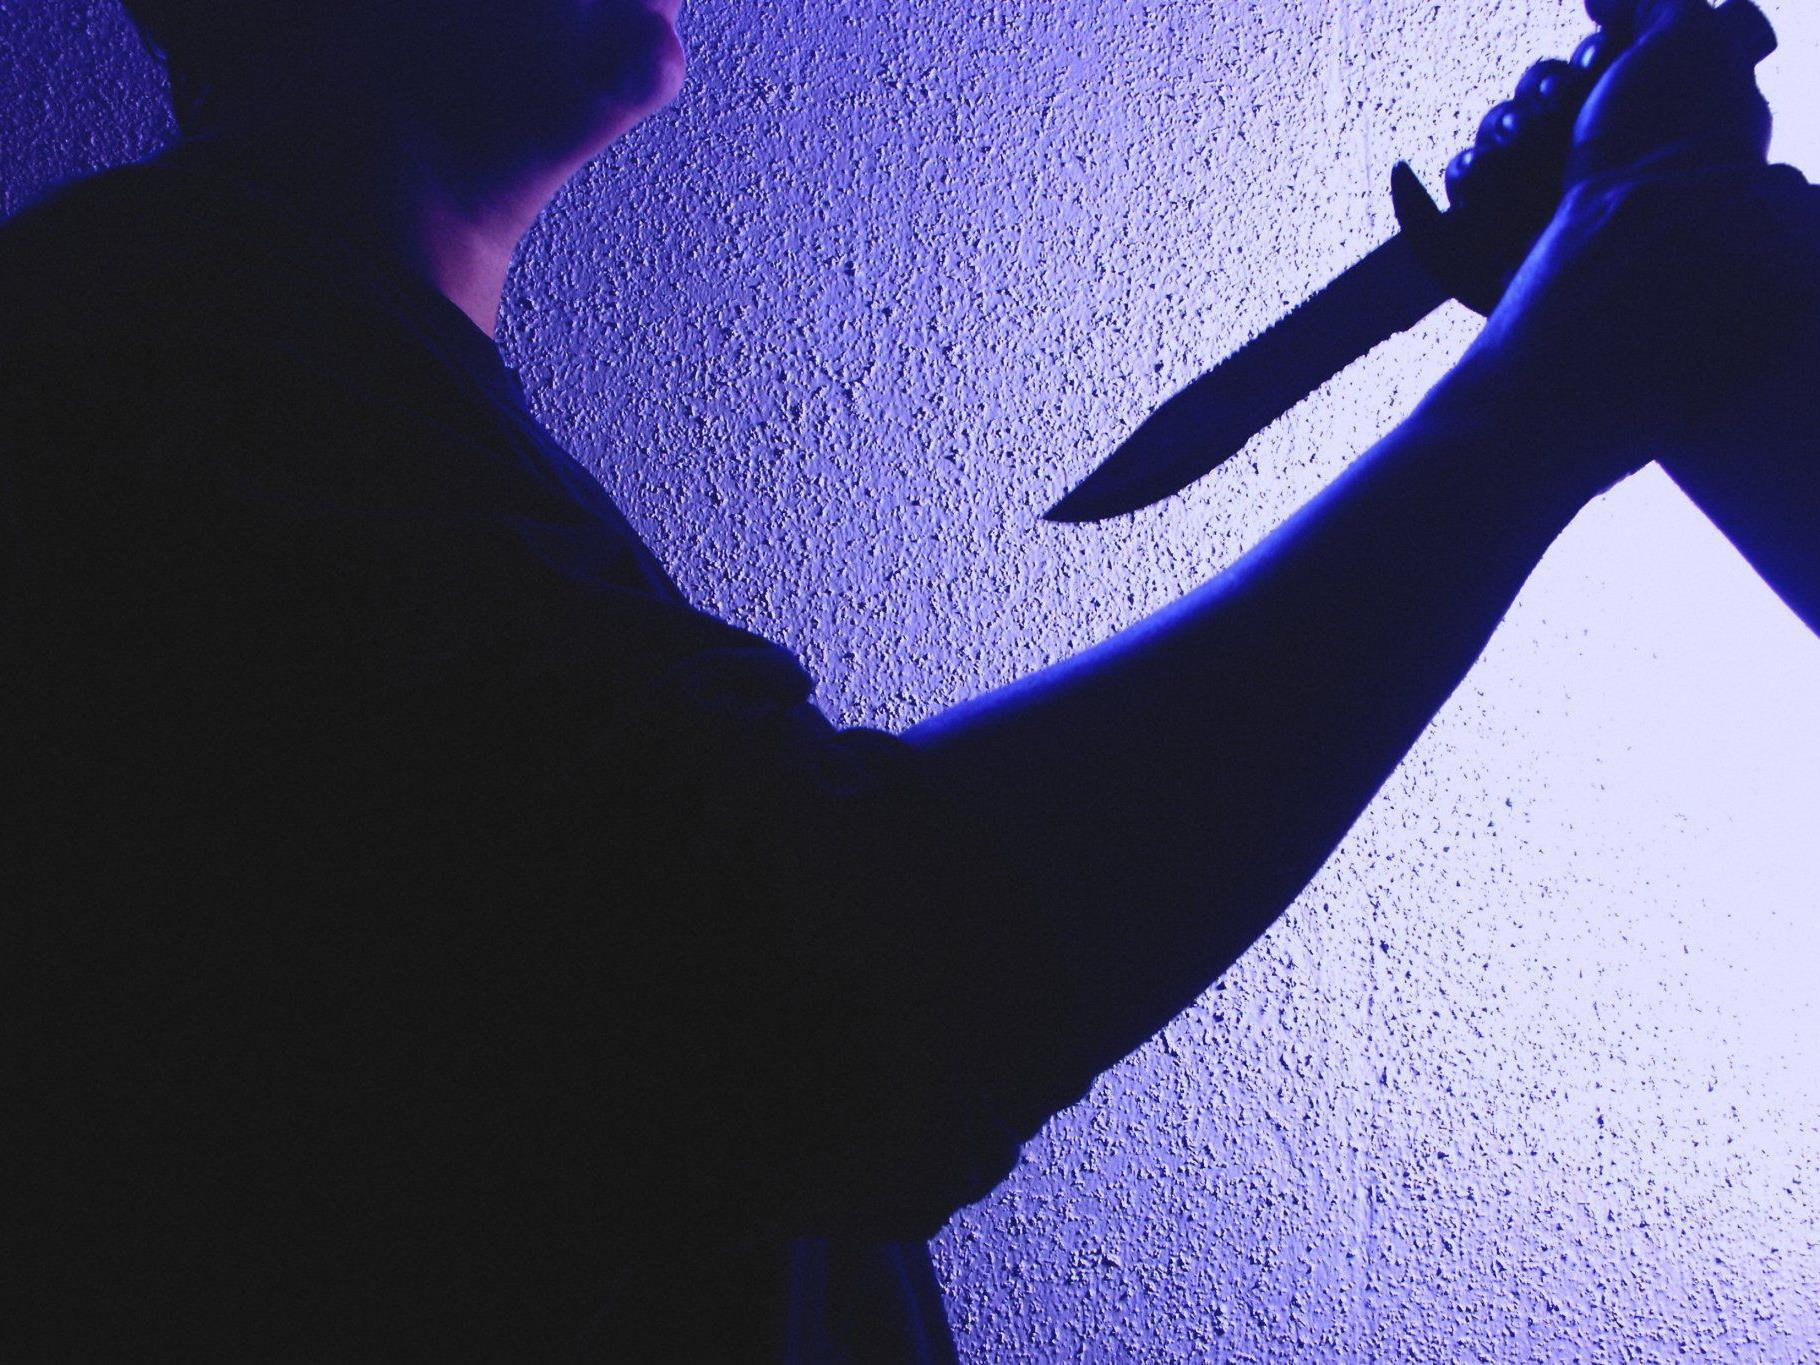 Der vorerst unbekannte Täter zückte das Messer und rammte es dem 18-Jährigen in den Bauch.